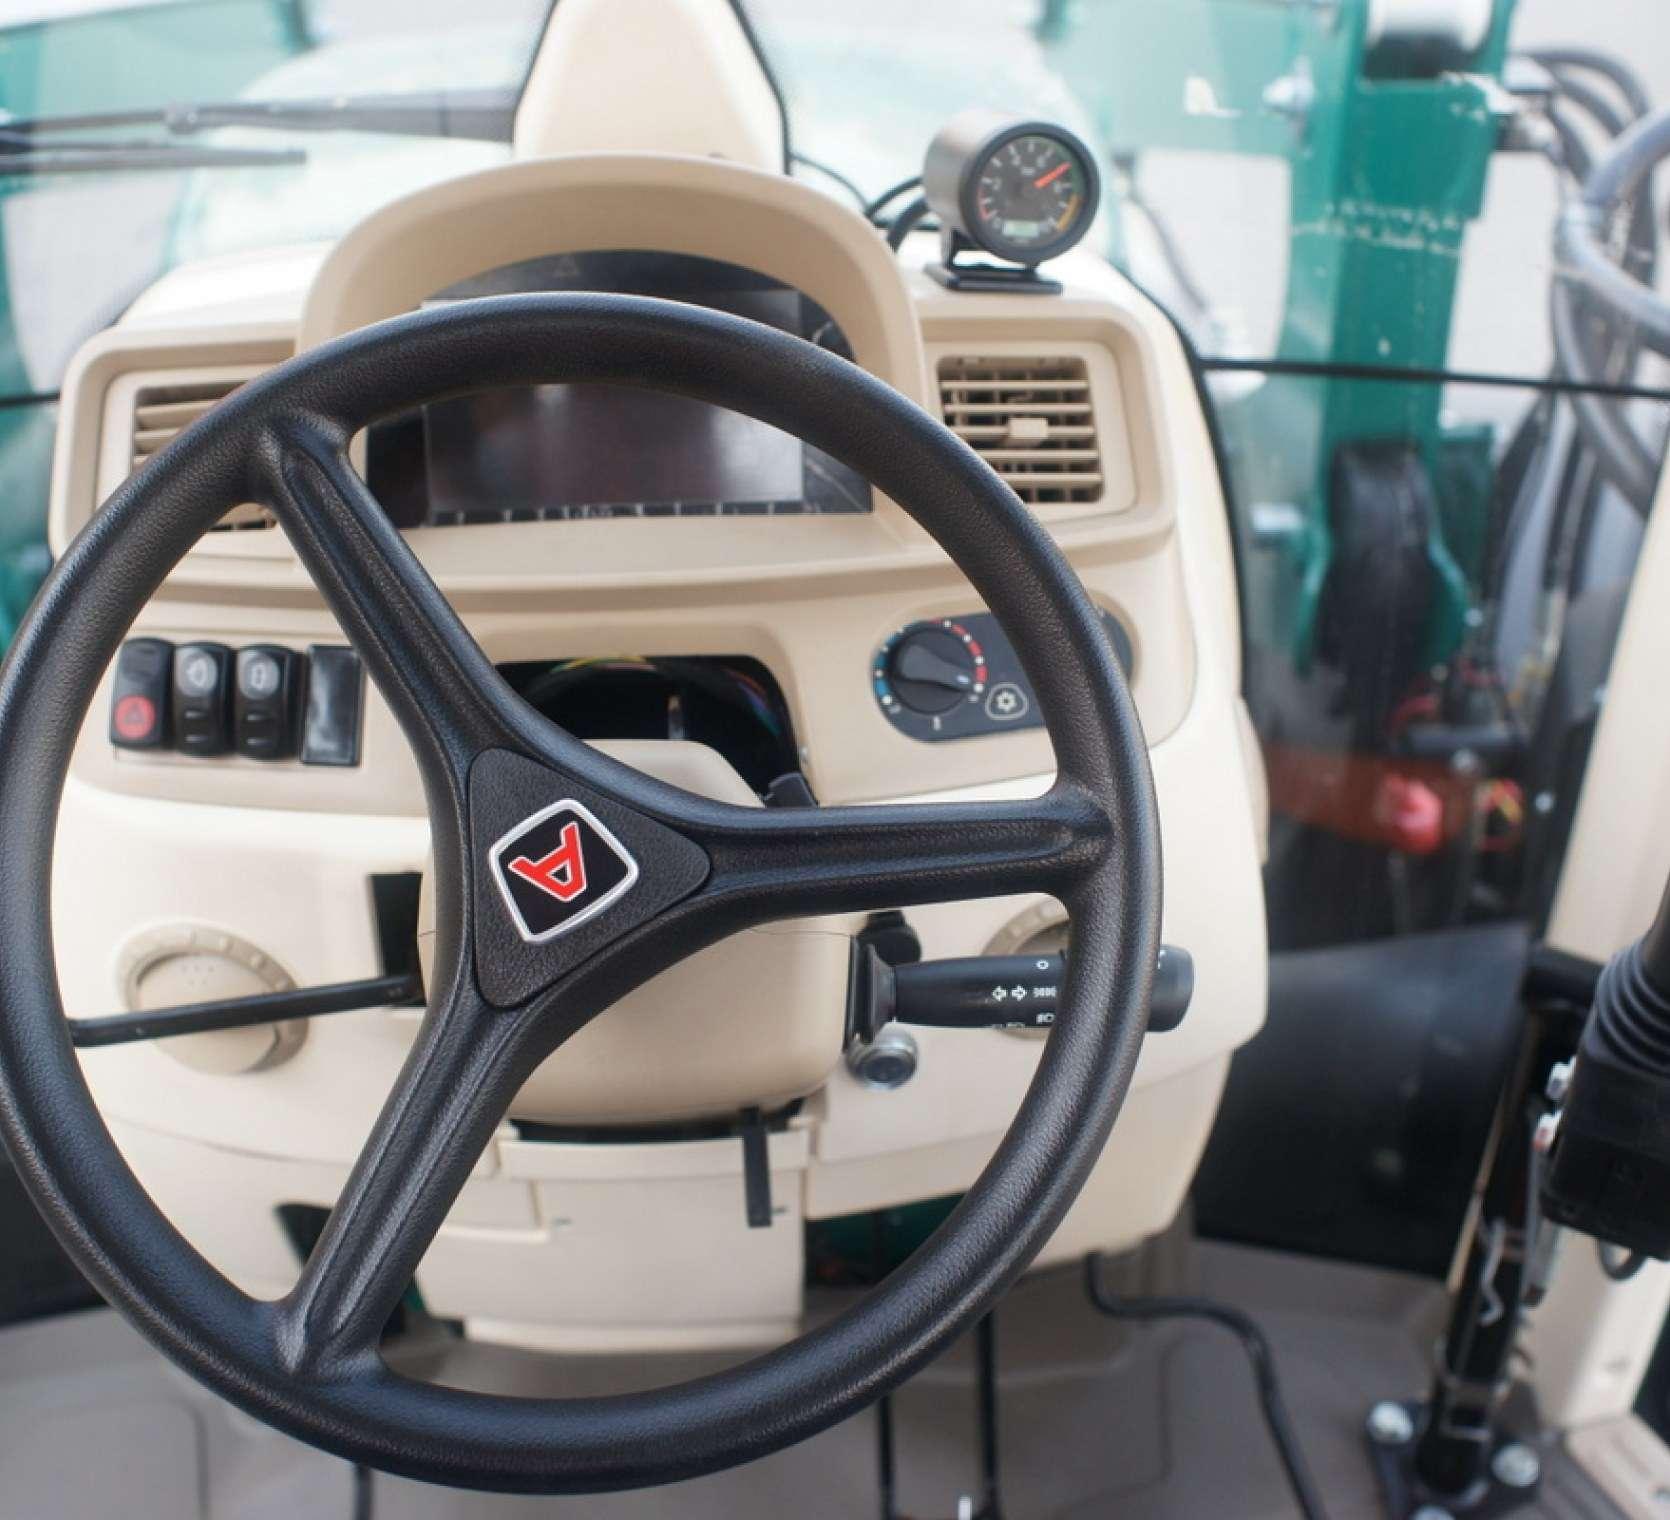 kolumna kierownicza arbosa serii 5000 logo w ksztalcie litery a nawiewy przednia szyba